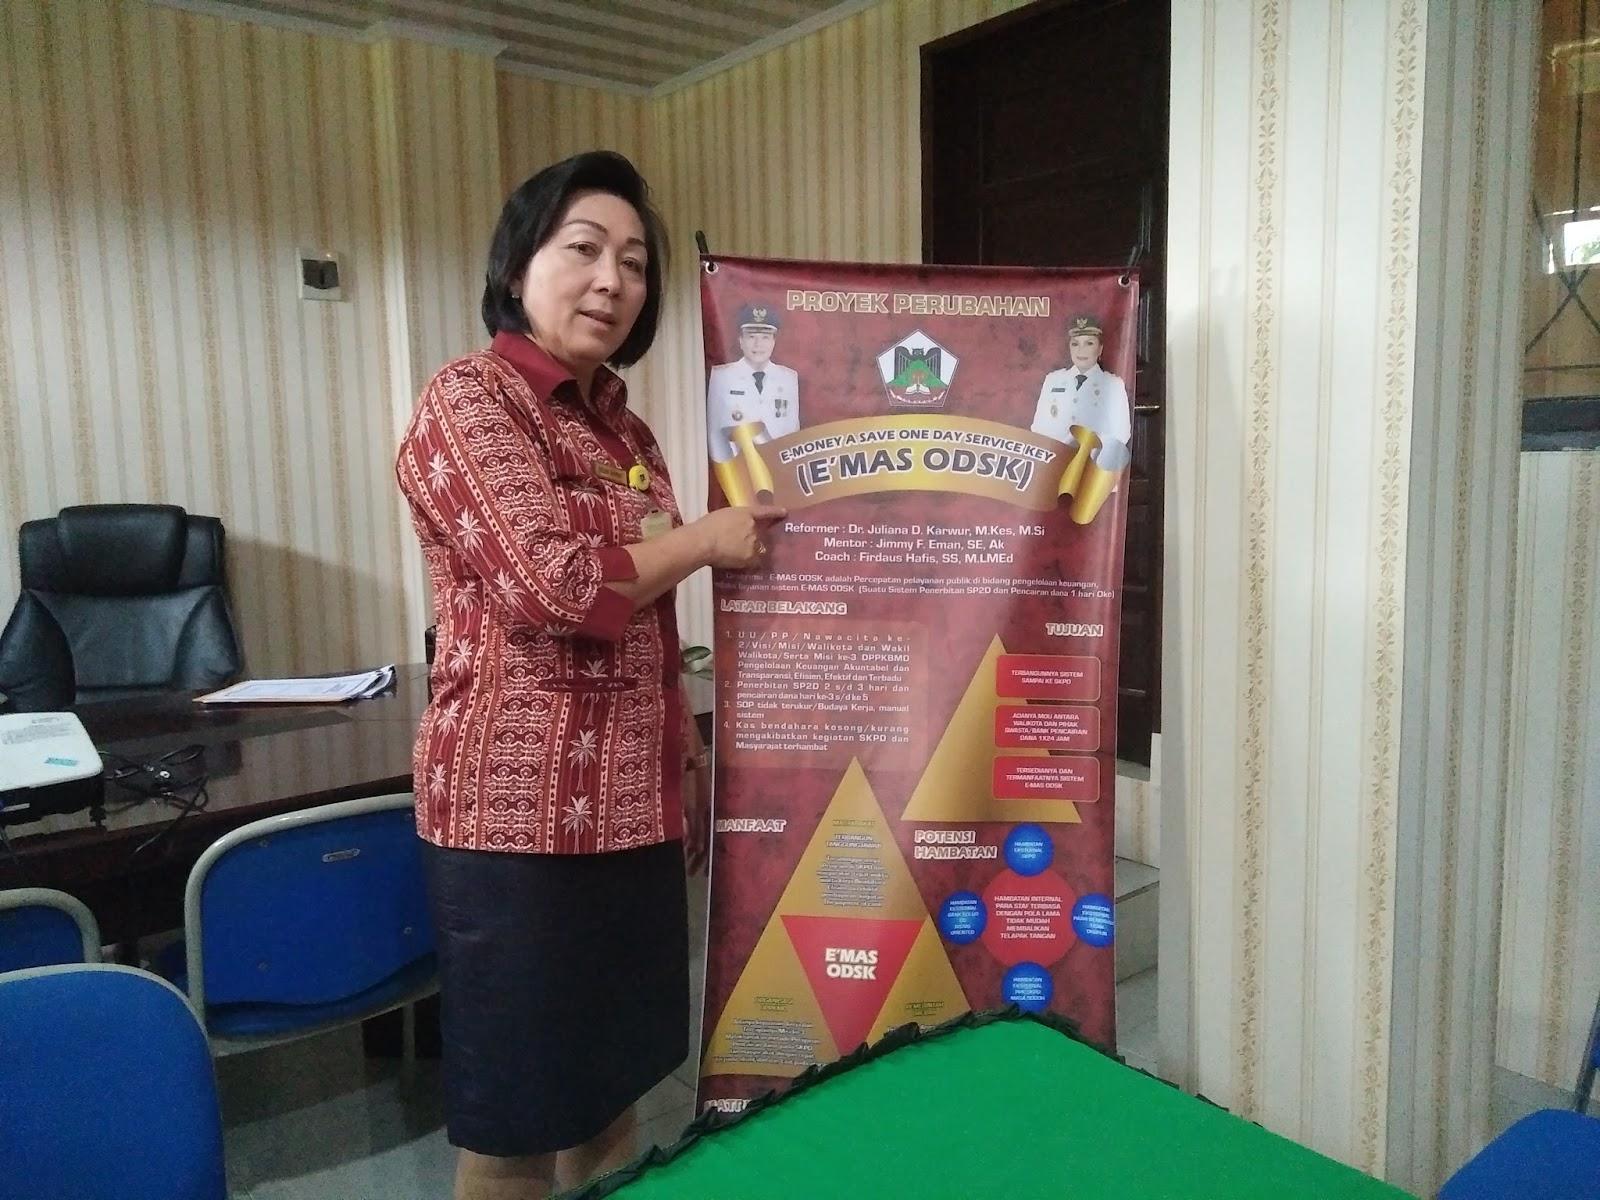 Kepala Dinas PPKBMD Dr Juliana Dolvin Karwur MKes MSi